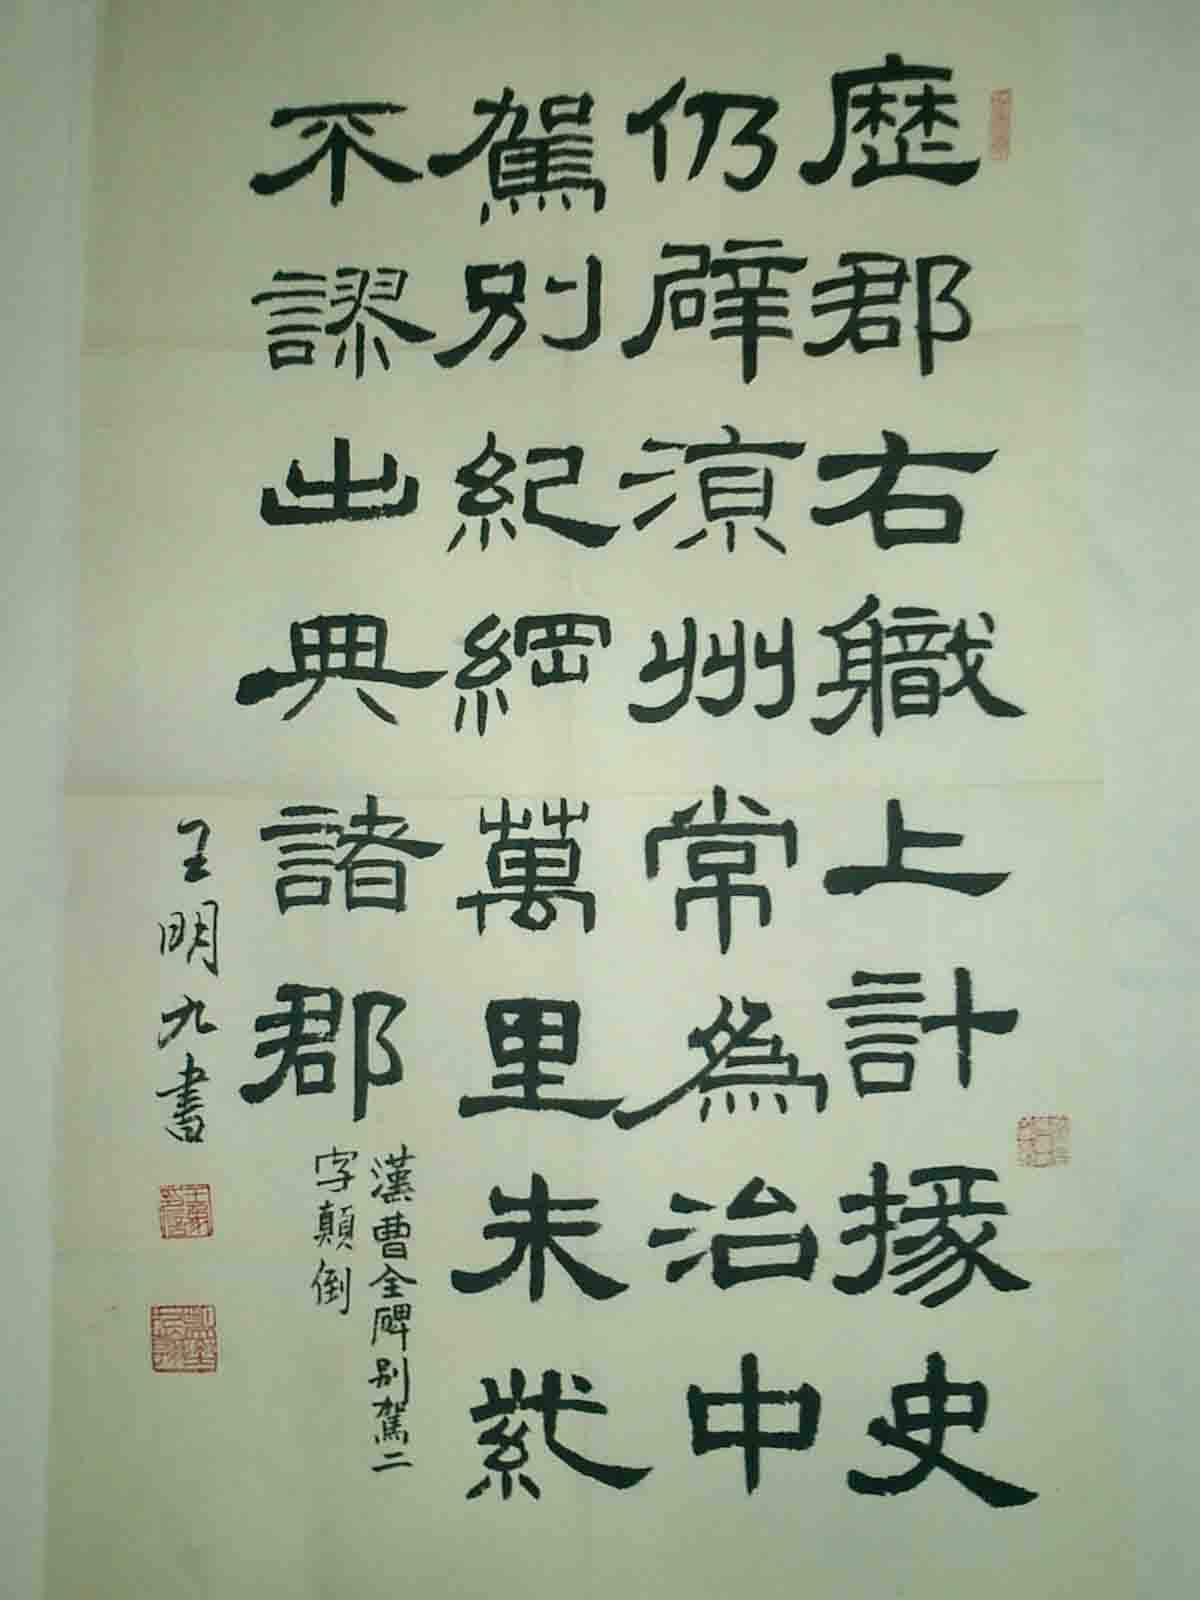 书法 书法作品 1200_1600 竖版 竖屏